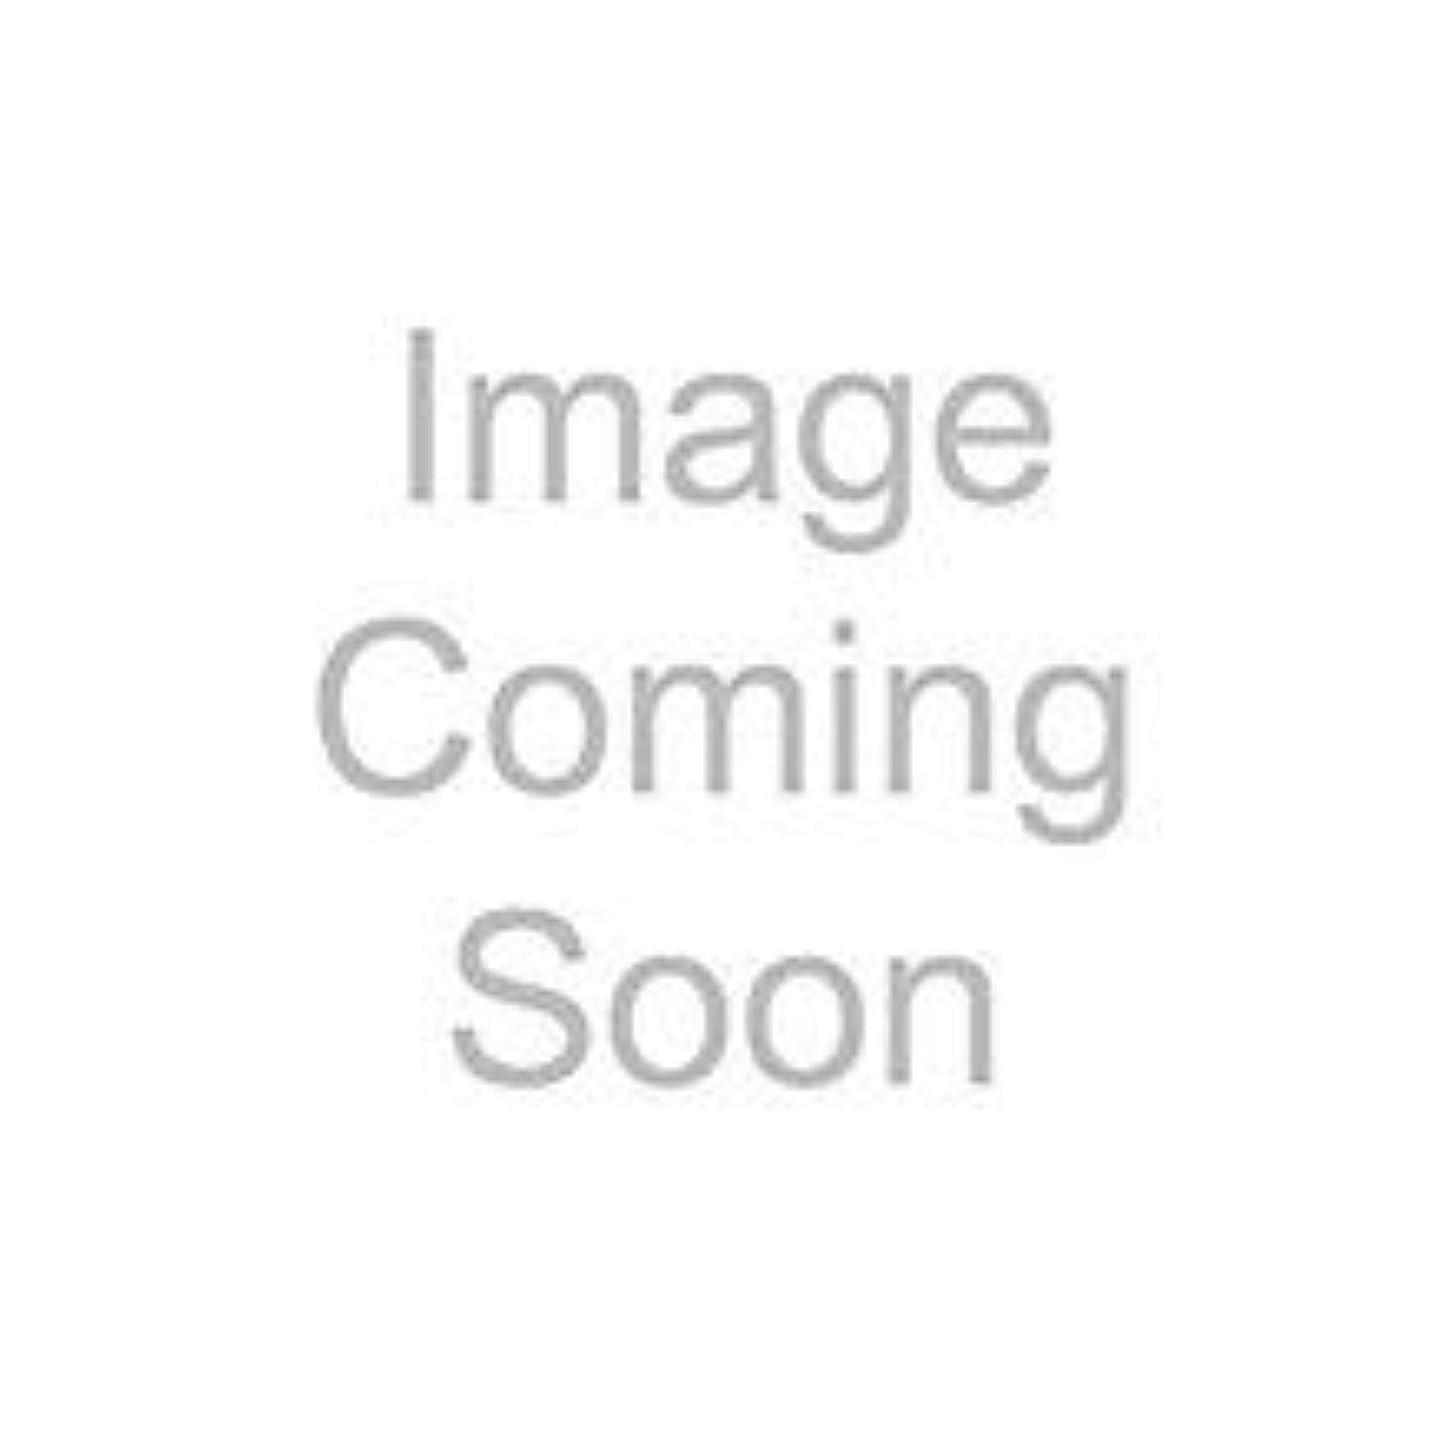 挑む無視できるリビジョン【エルメス】オーデメルヴェイユ リミテッドエディション EDT?SP 100ml [並行輸入品]